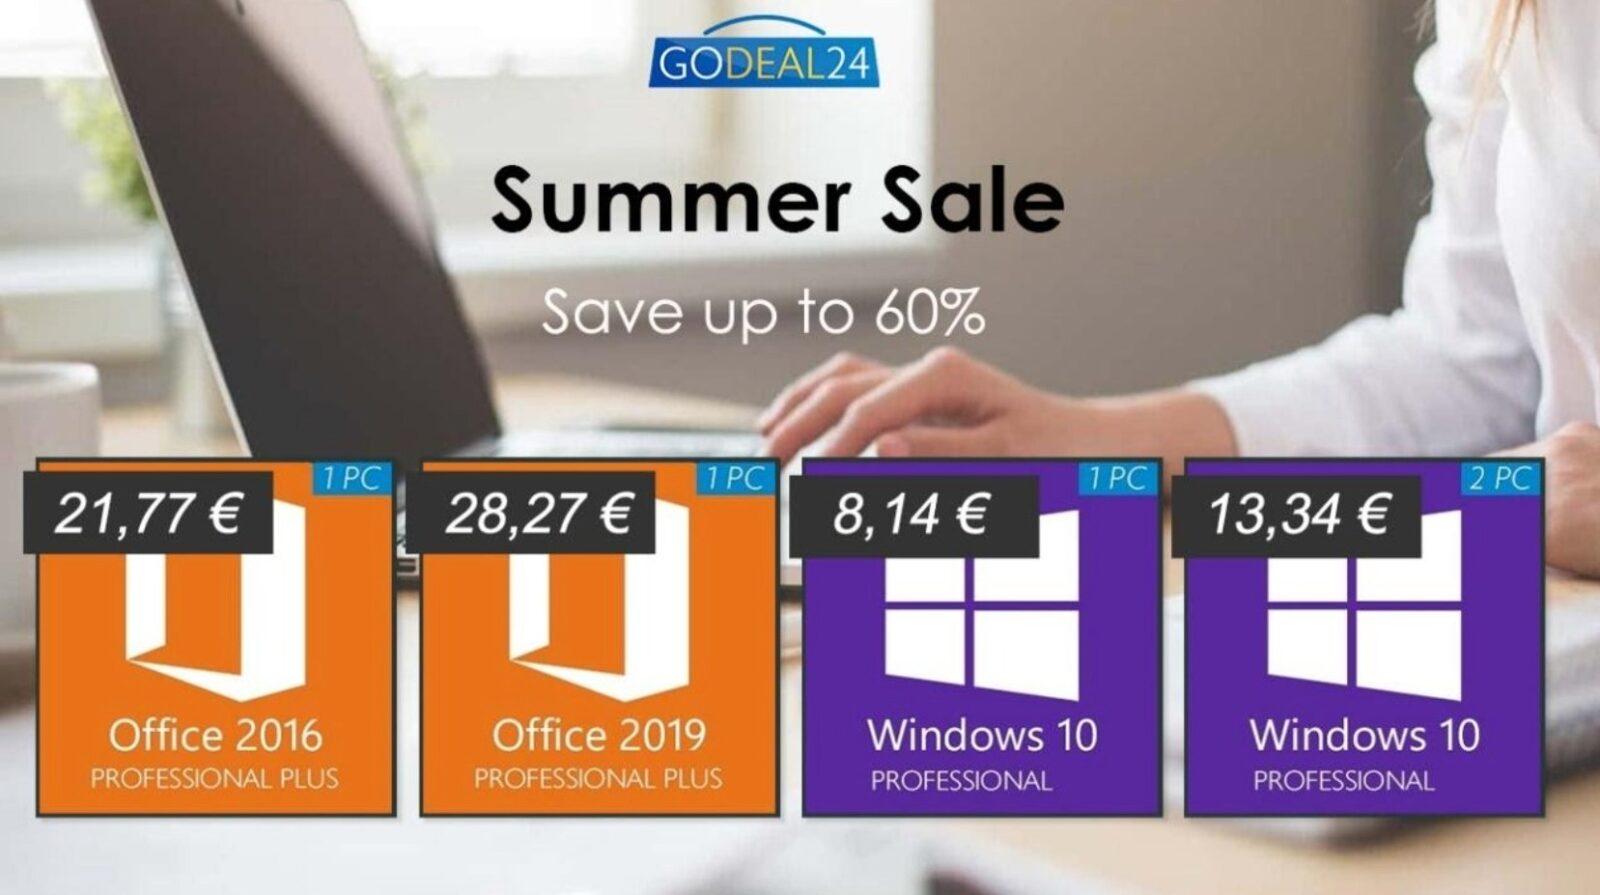 Licenza a vita Microsoft Windows 10 a 6 €, Office solo 15 €